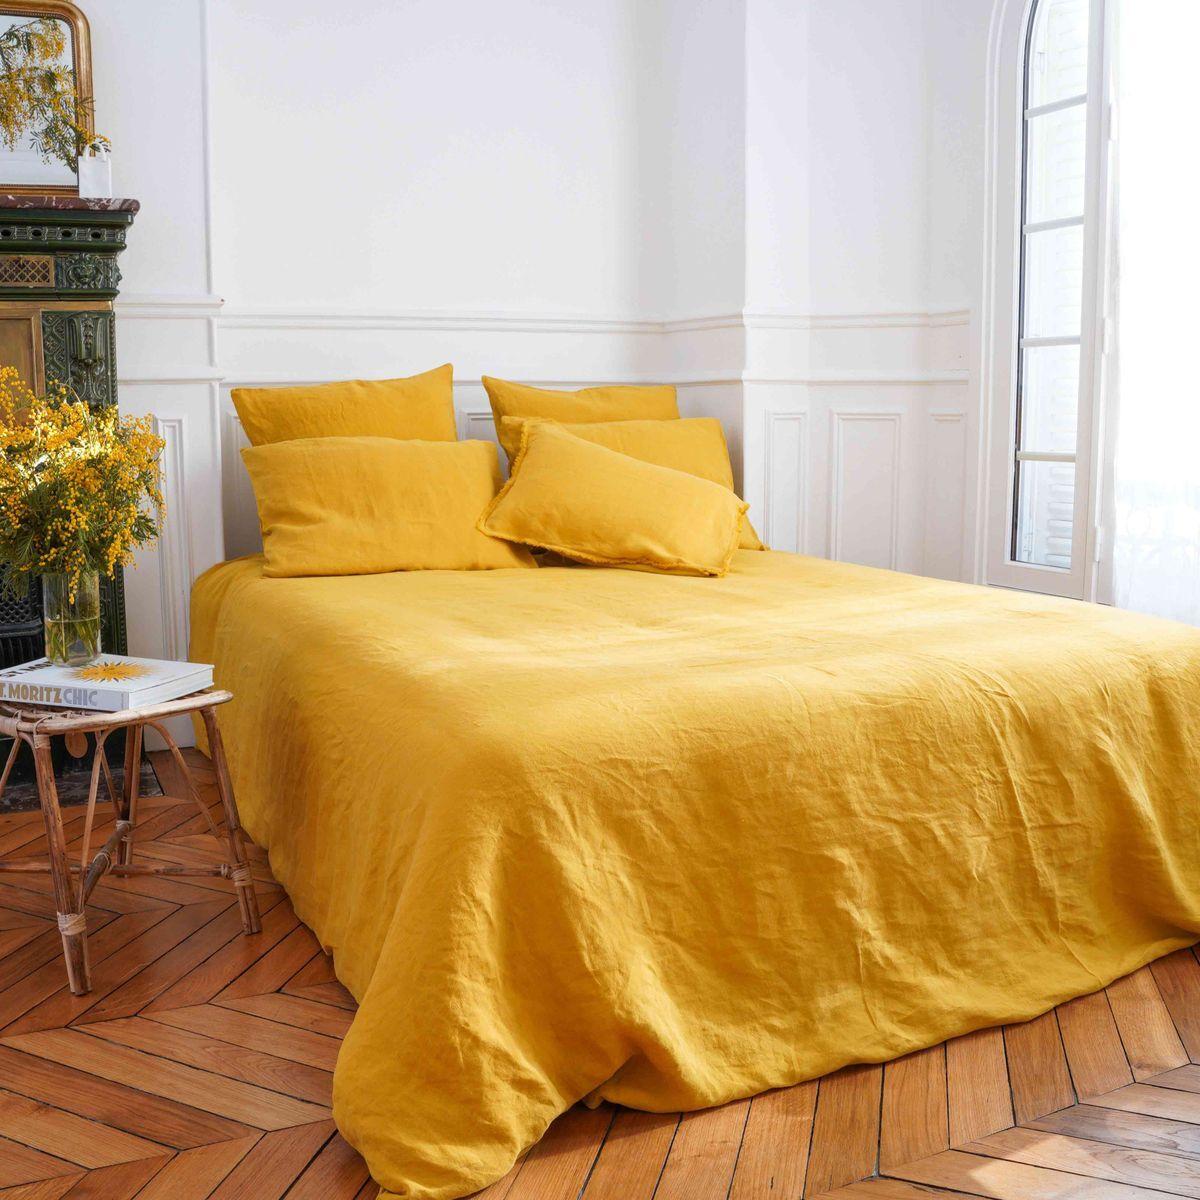 Casatera Housse de couette chanvre et coton jaune